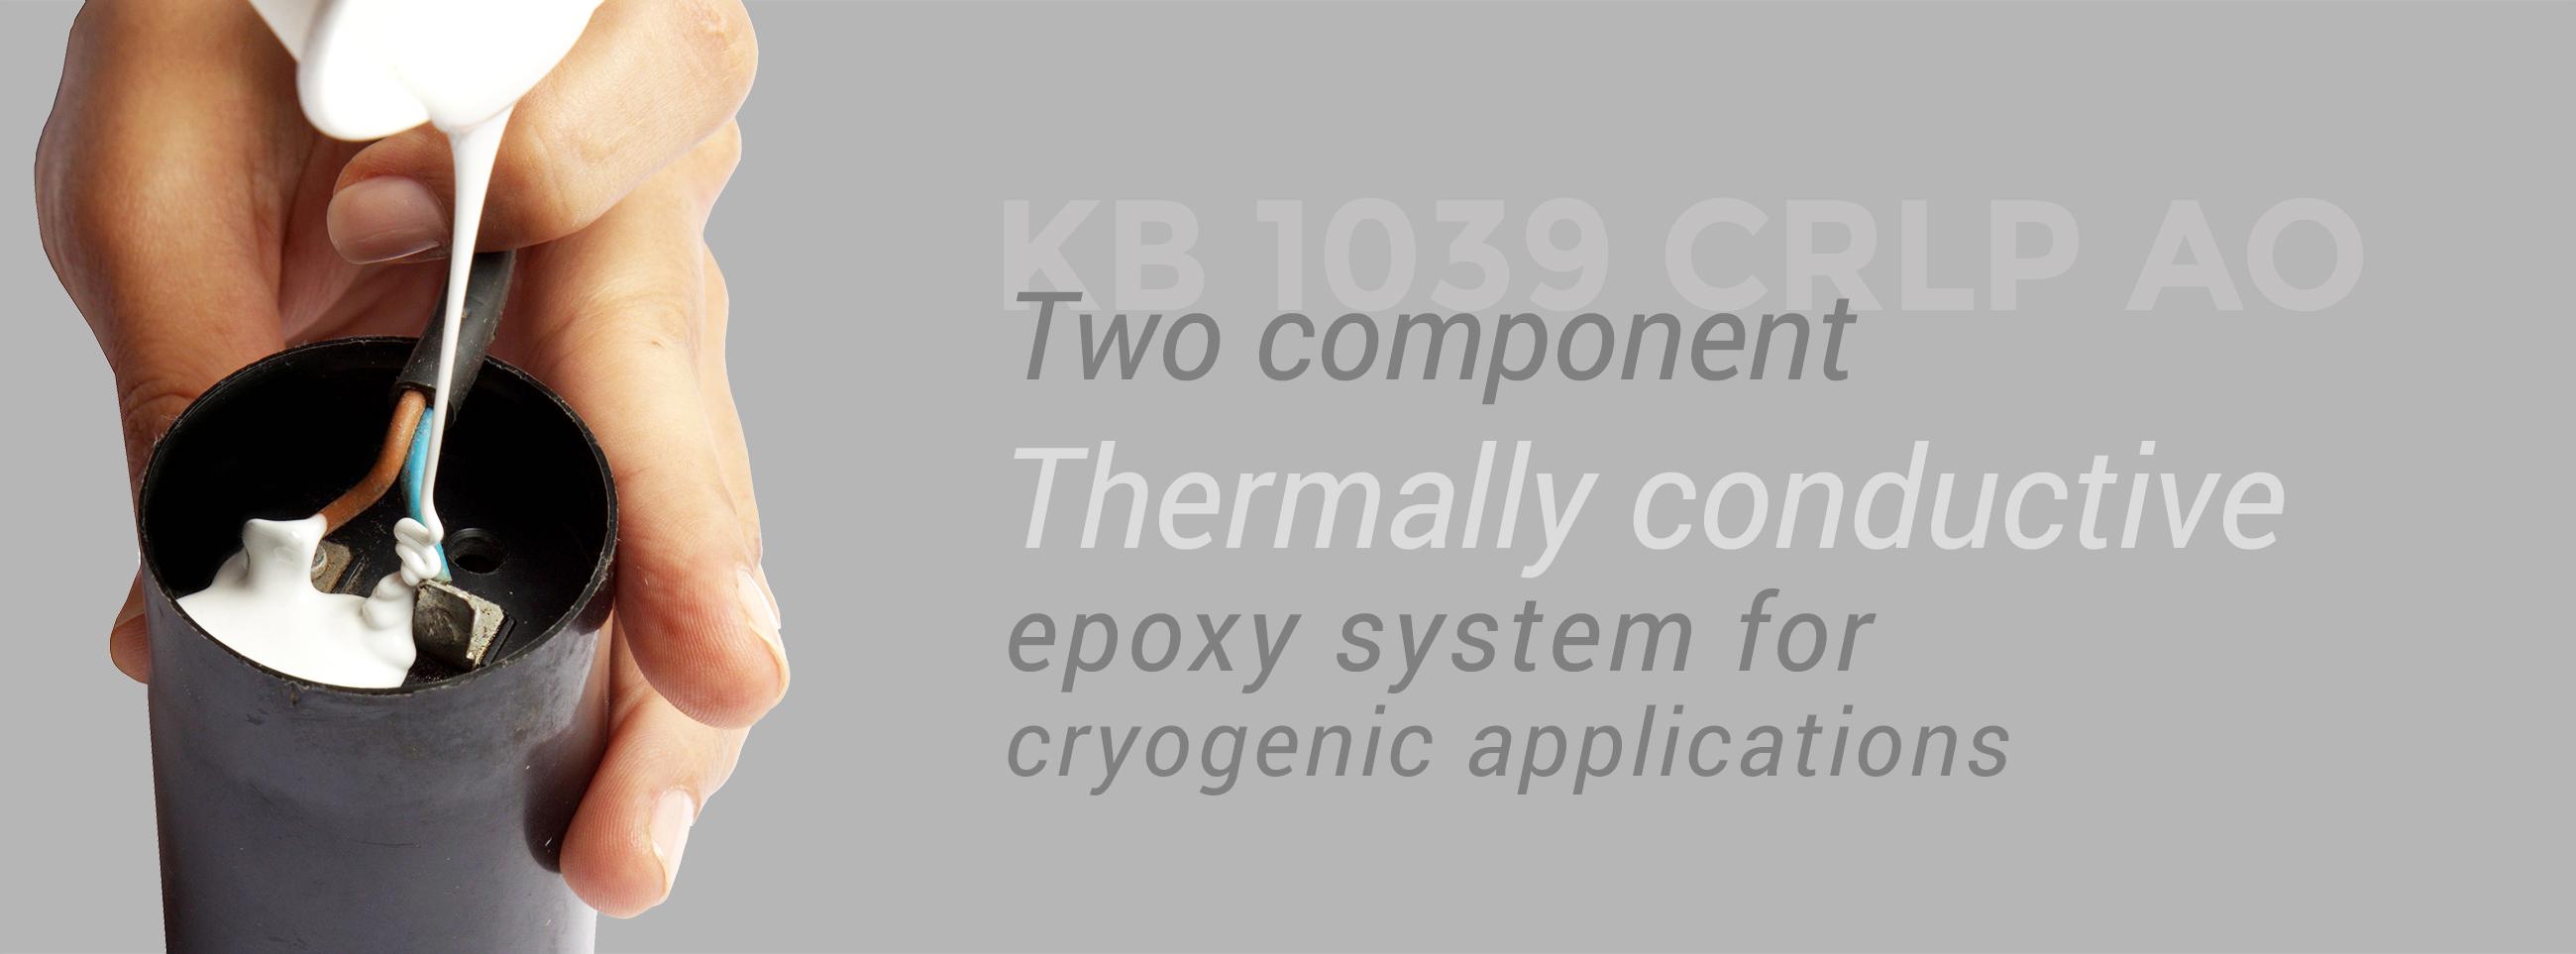 KB 1039 CRLP-AO